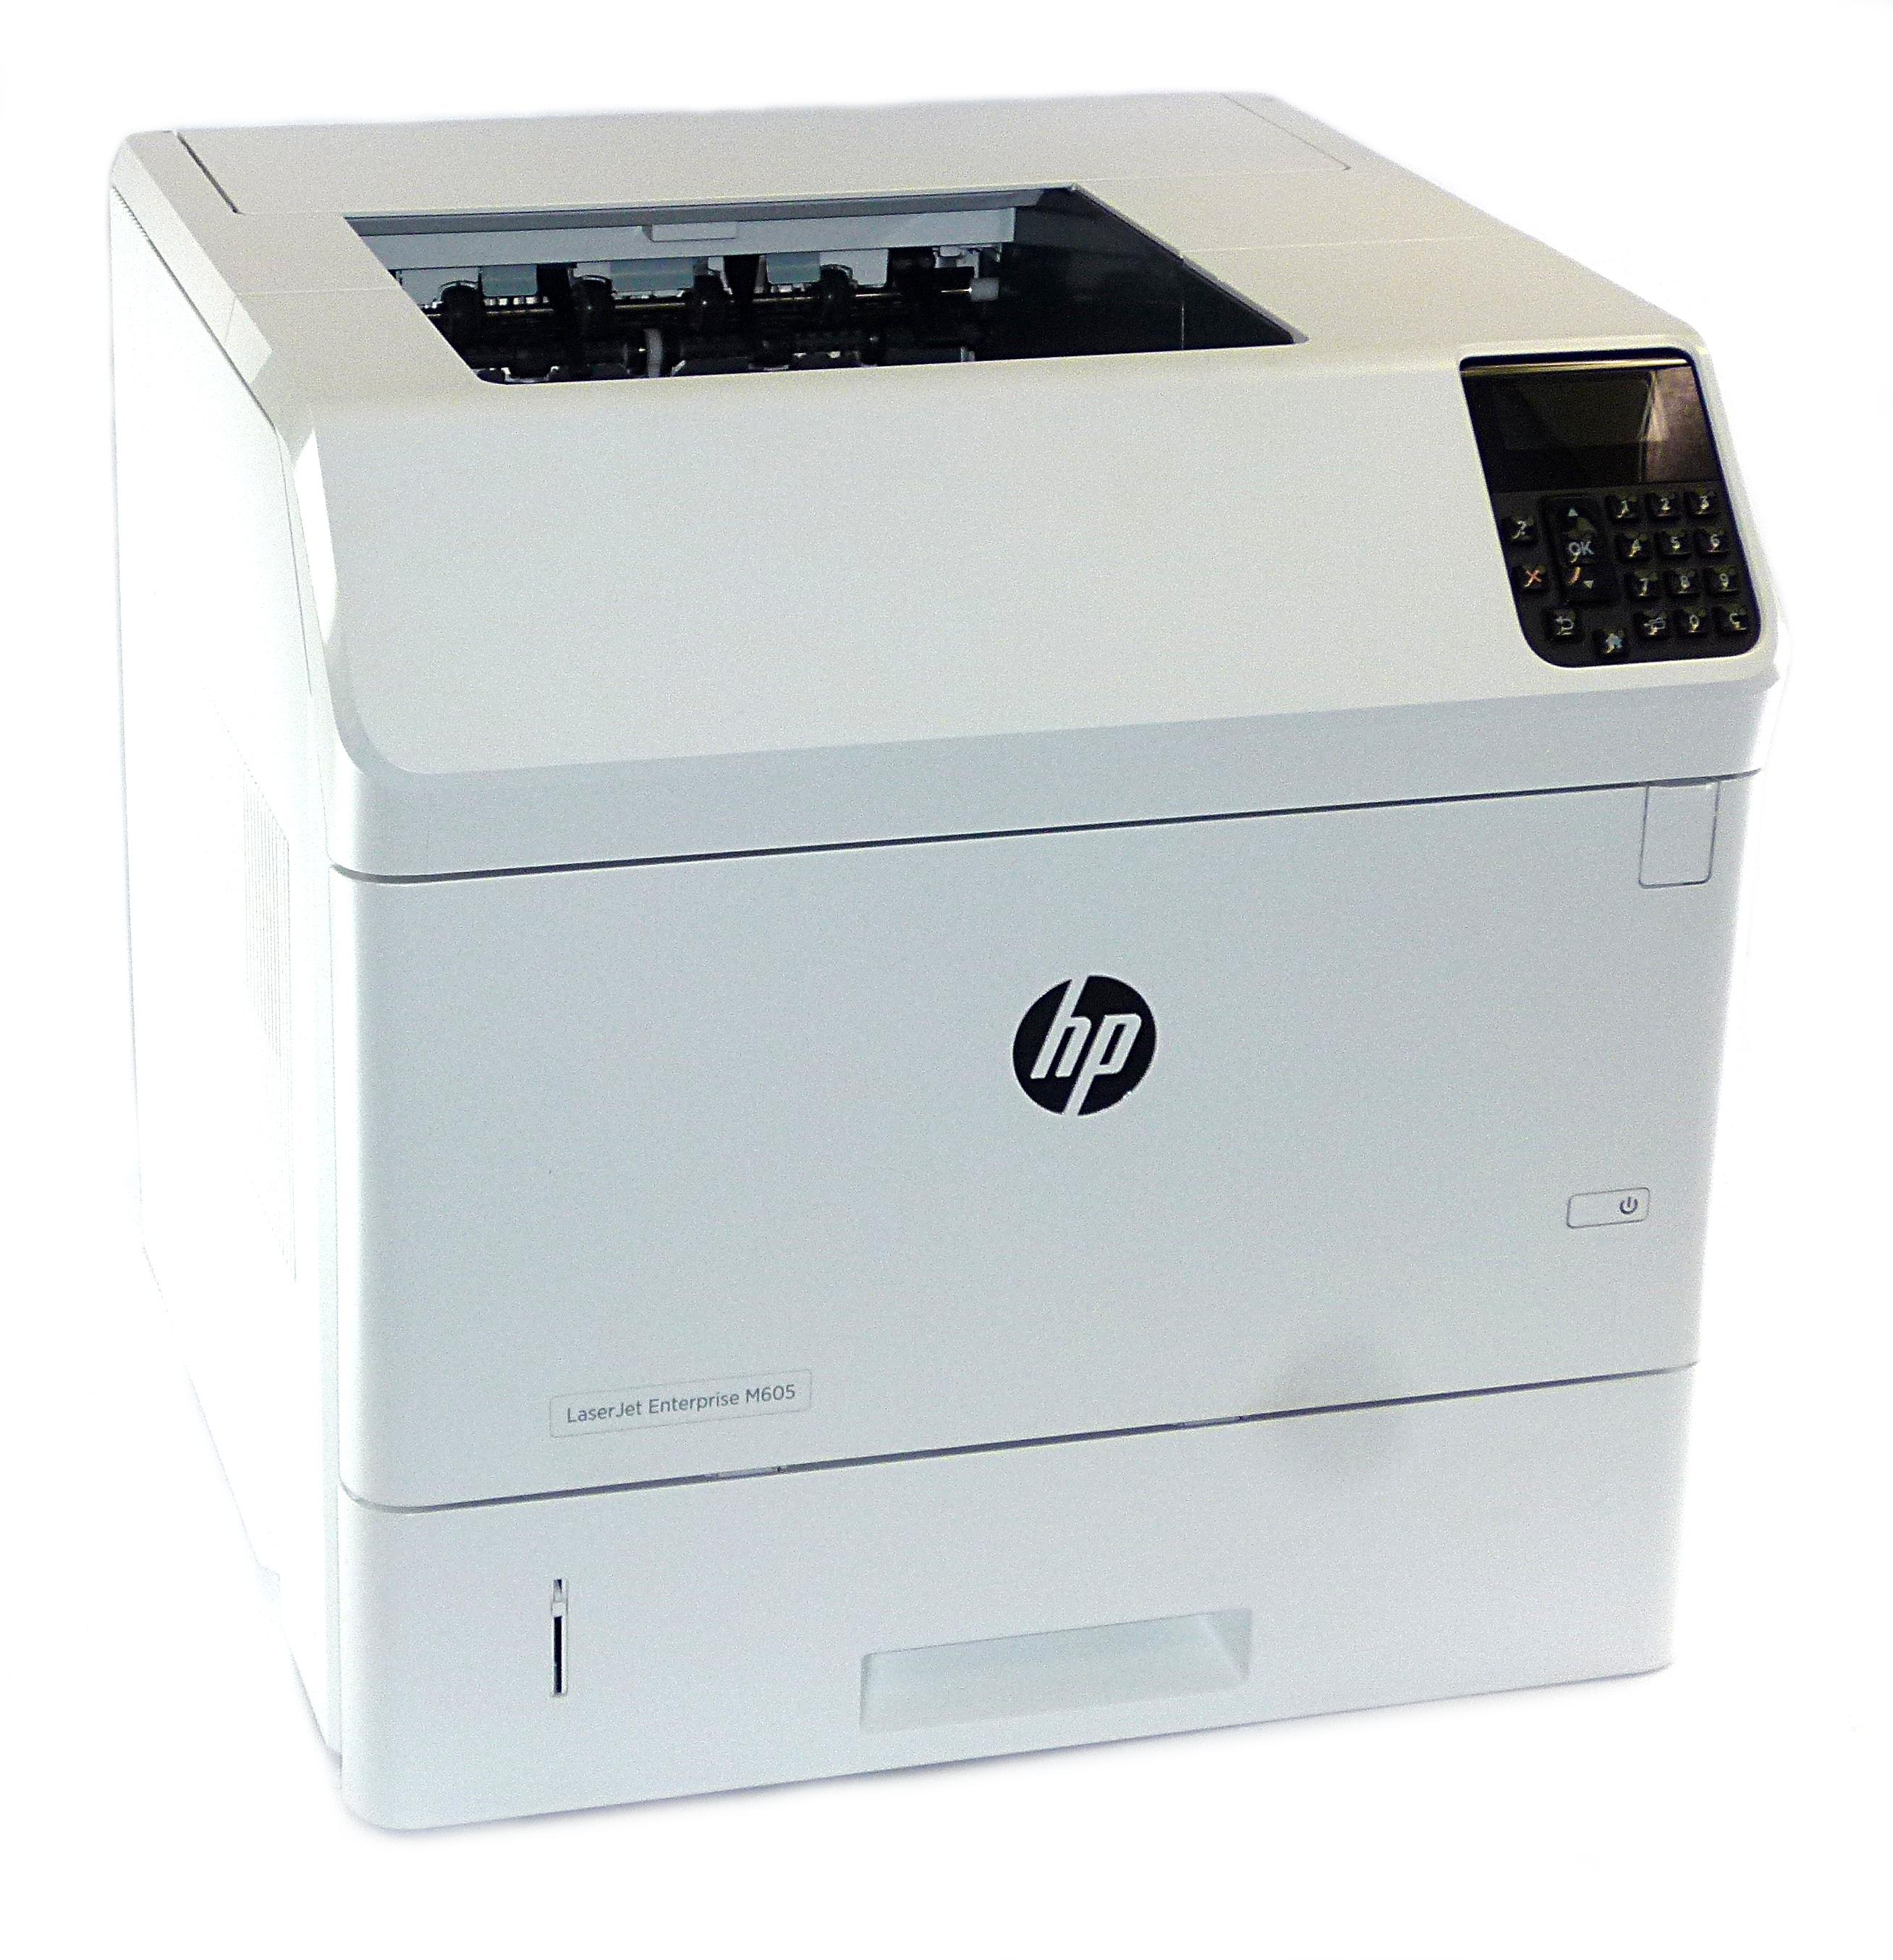 HP E6B69A LaserJet Enterprise M605 M605n Network Laser Printer (Ref.83022)